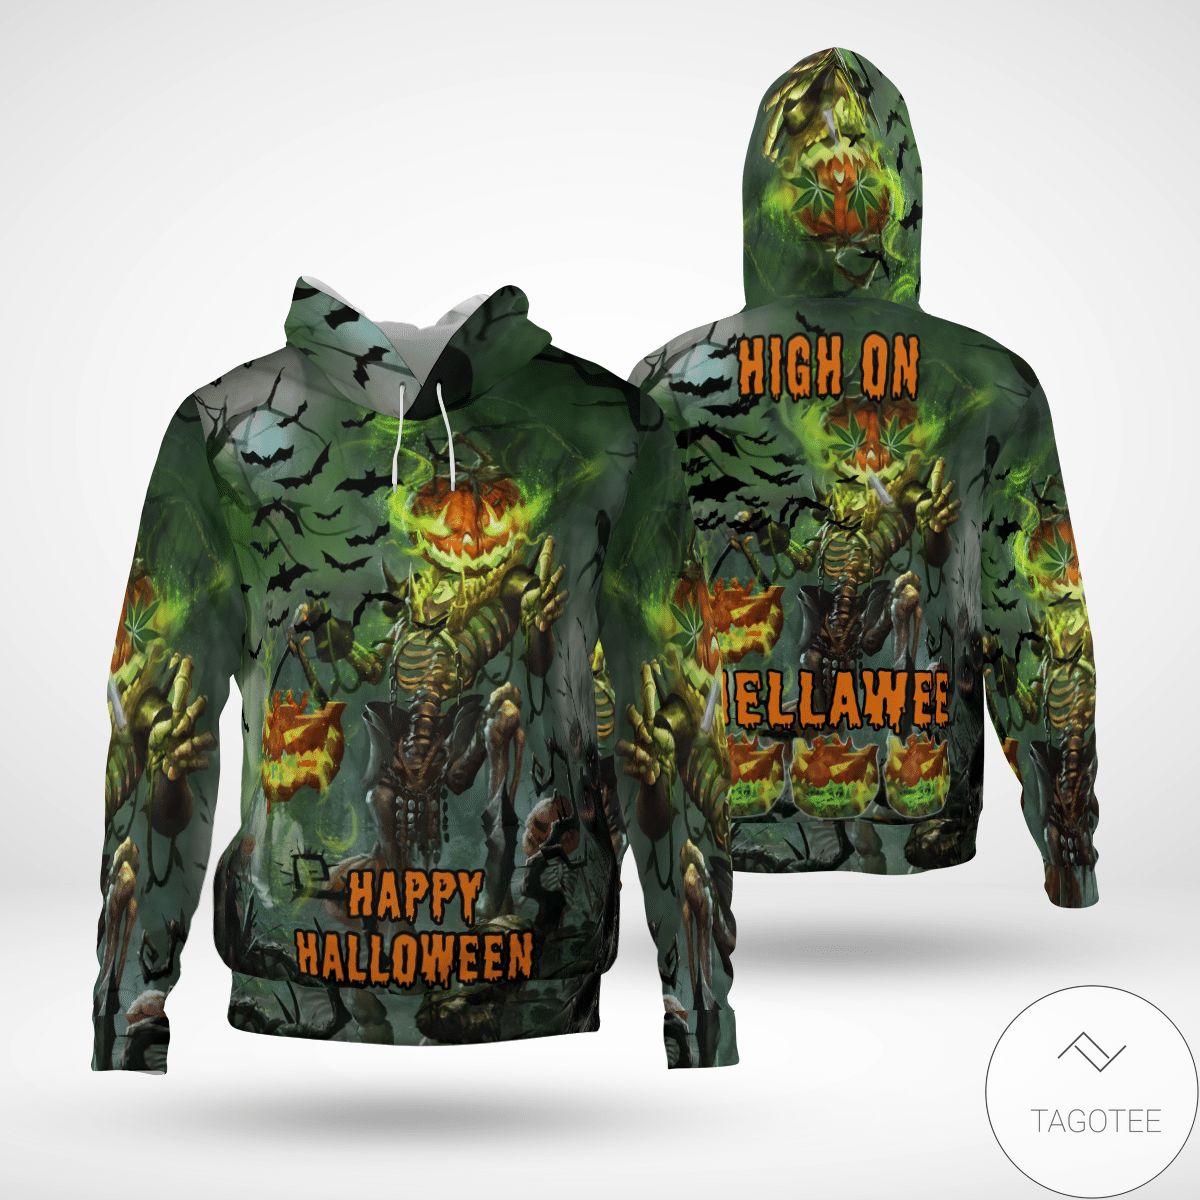 Rating Happy Halloween Skull High On Hella Weed 3d Hoodie